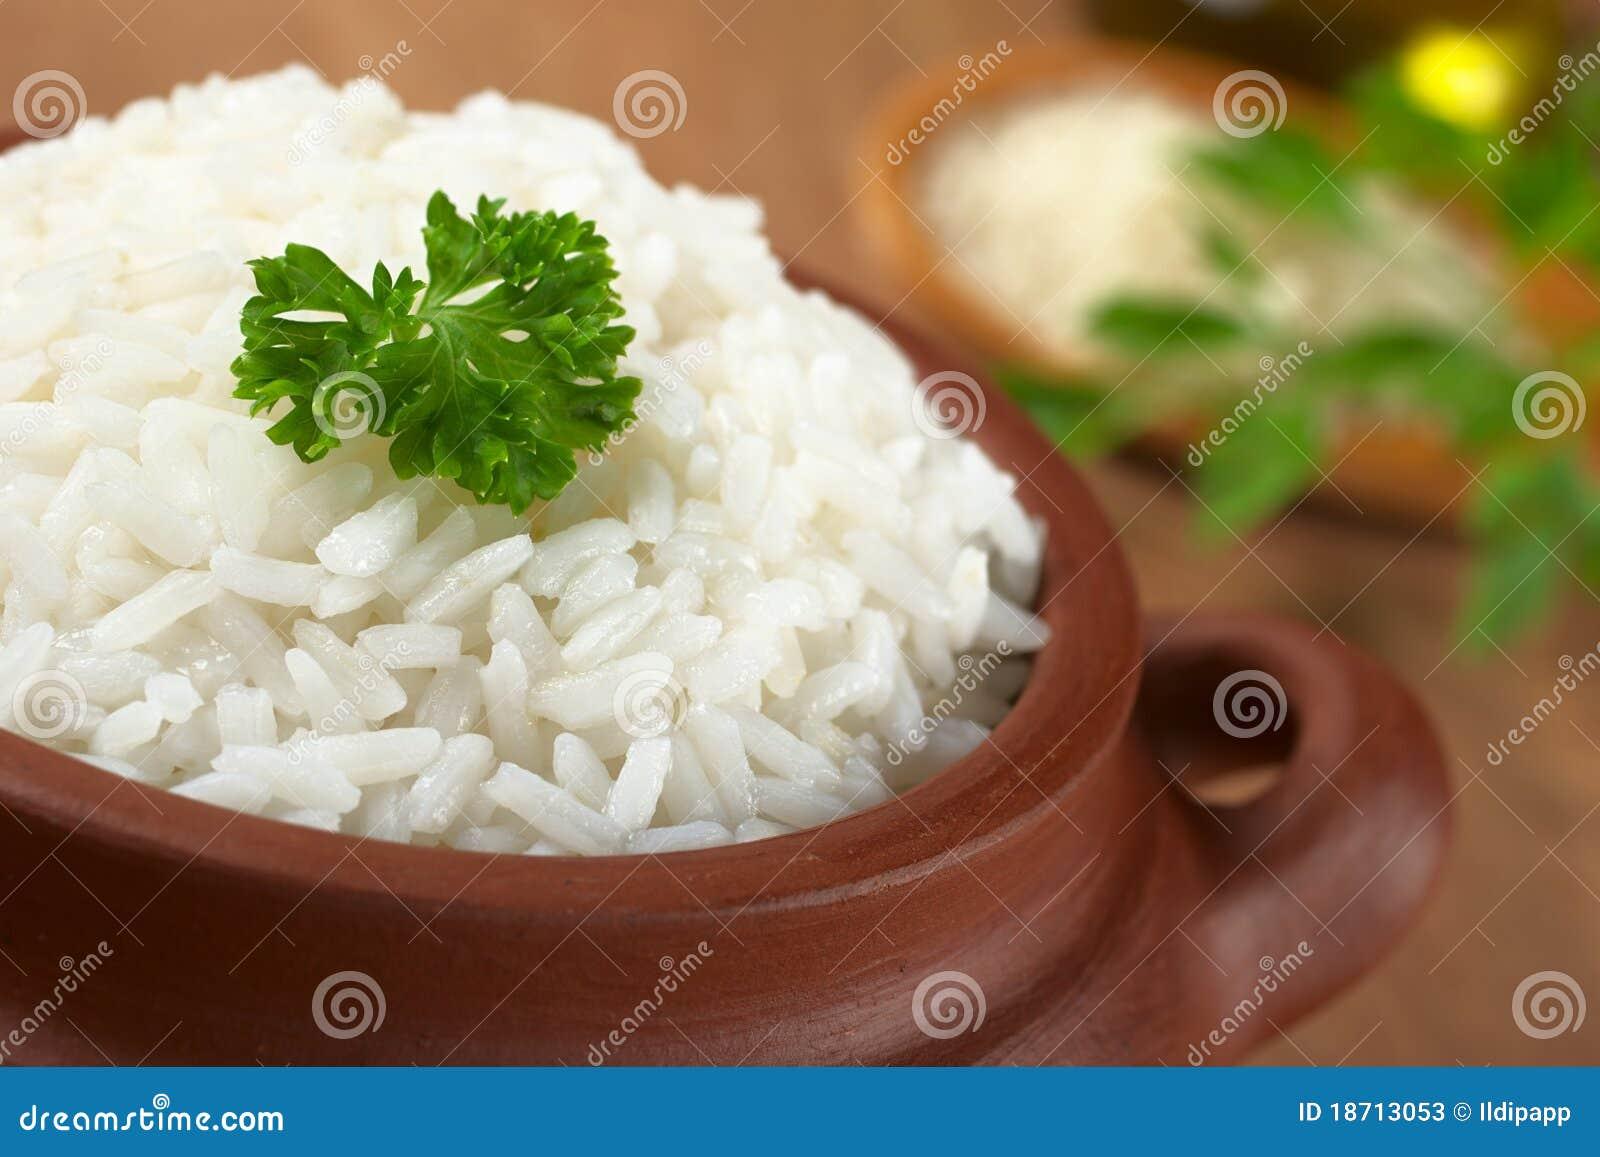 煮熟的荷兰芹米